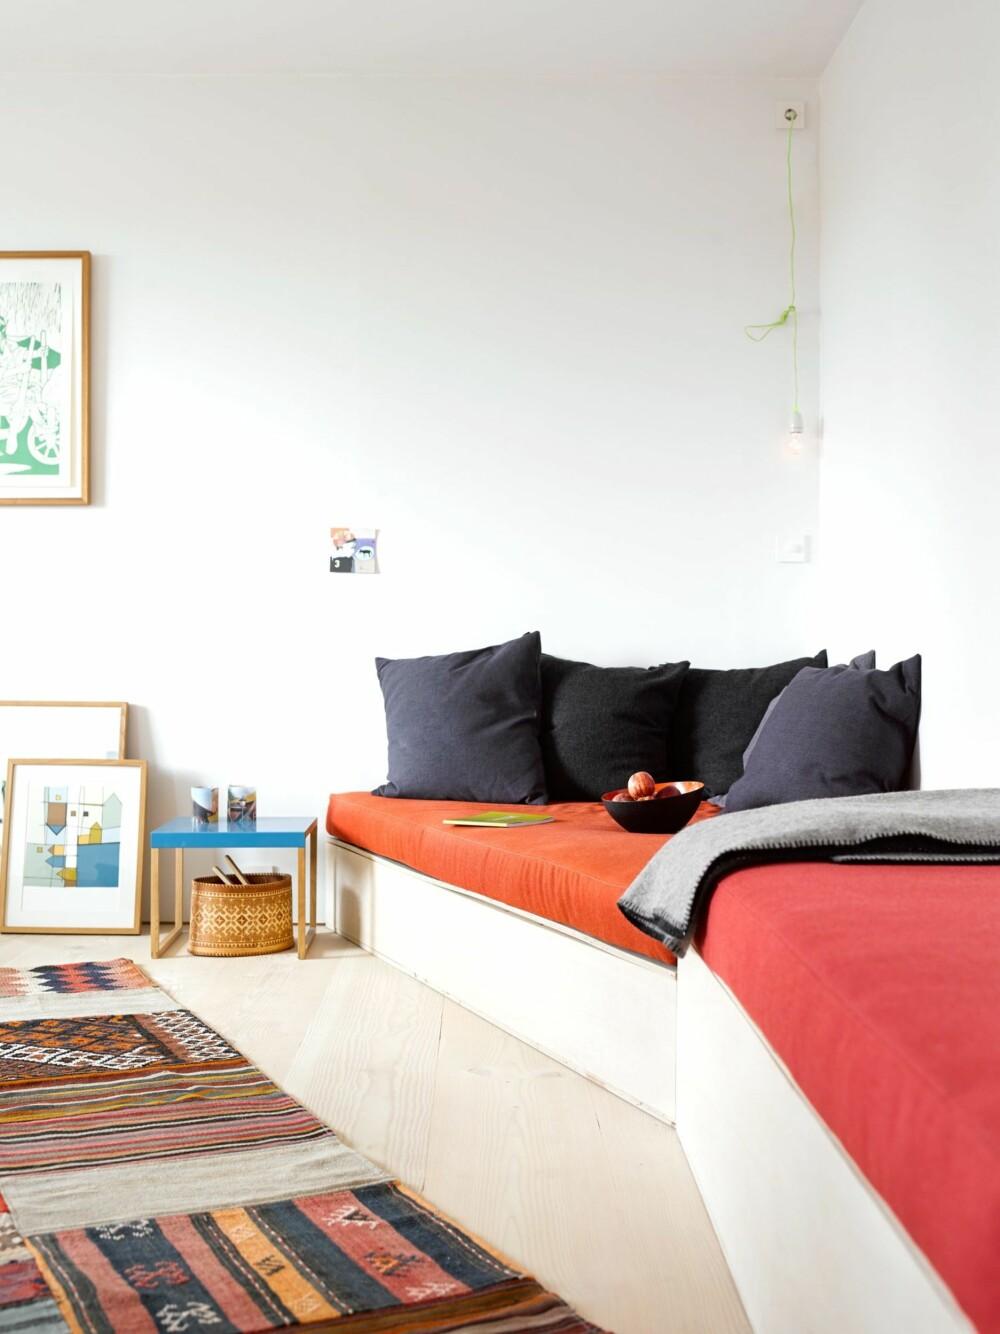 SELVGJORT ER VELGJORT: Den hjemmesnekrede sofaen  har lagringsplass for blant annet motorsag, støvsuger og klær. Teppet er fra Lauritz, bordet er fra Ett To Design.